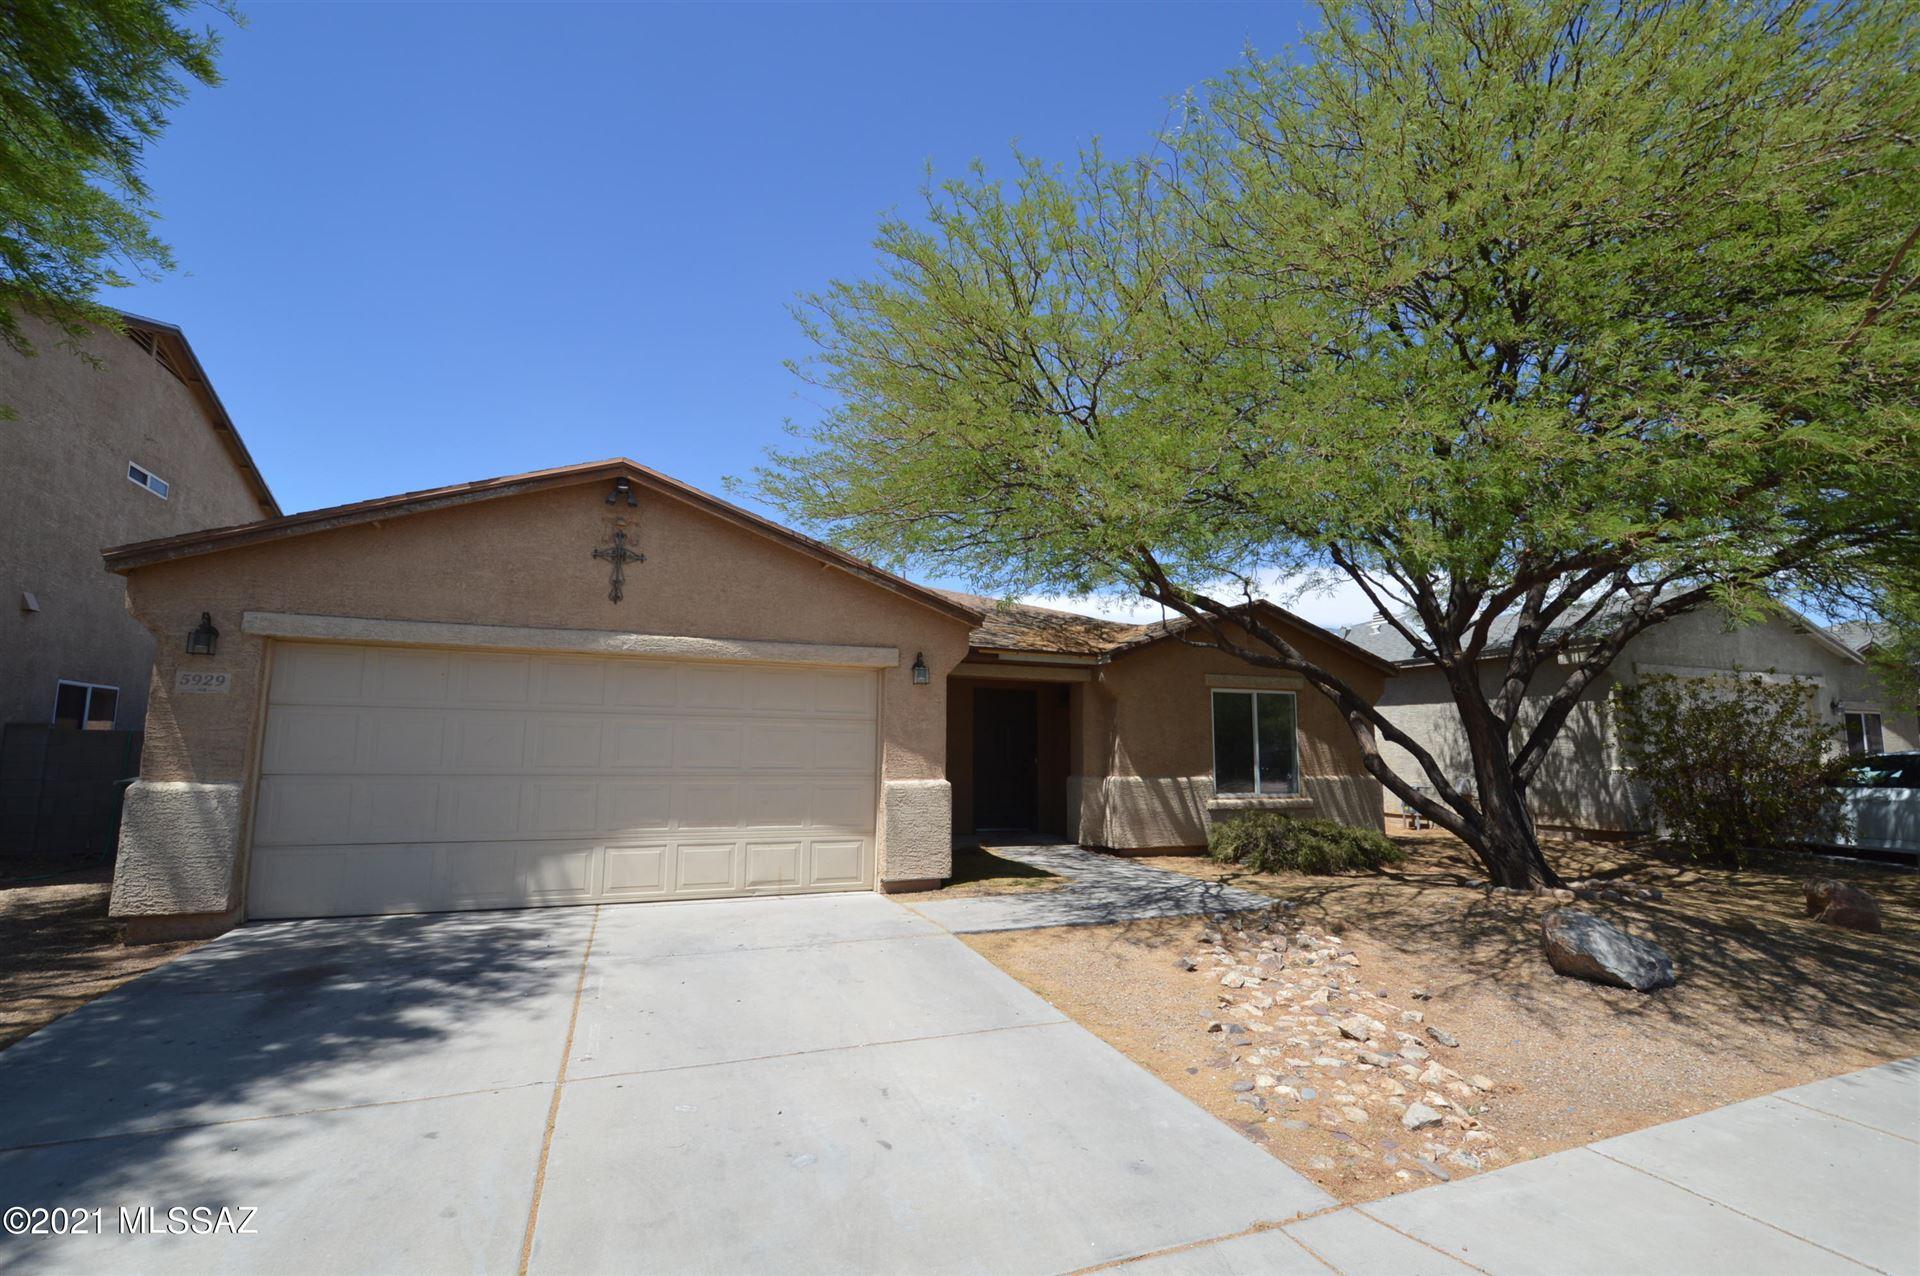 5929 E Cedarbird Drive, Tucson, AZ 85756 - #: 22113724